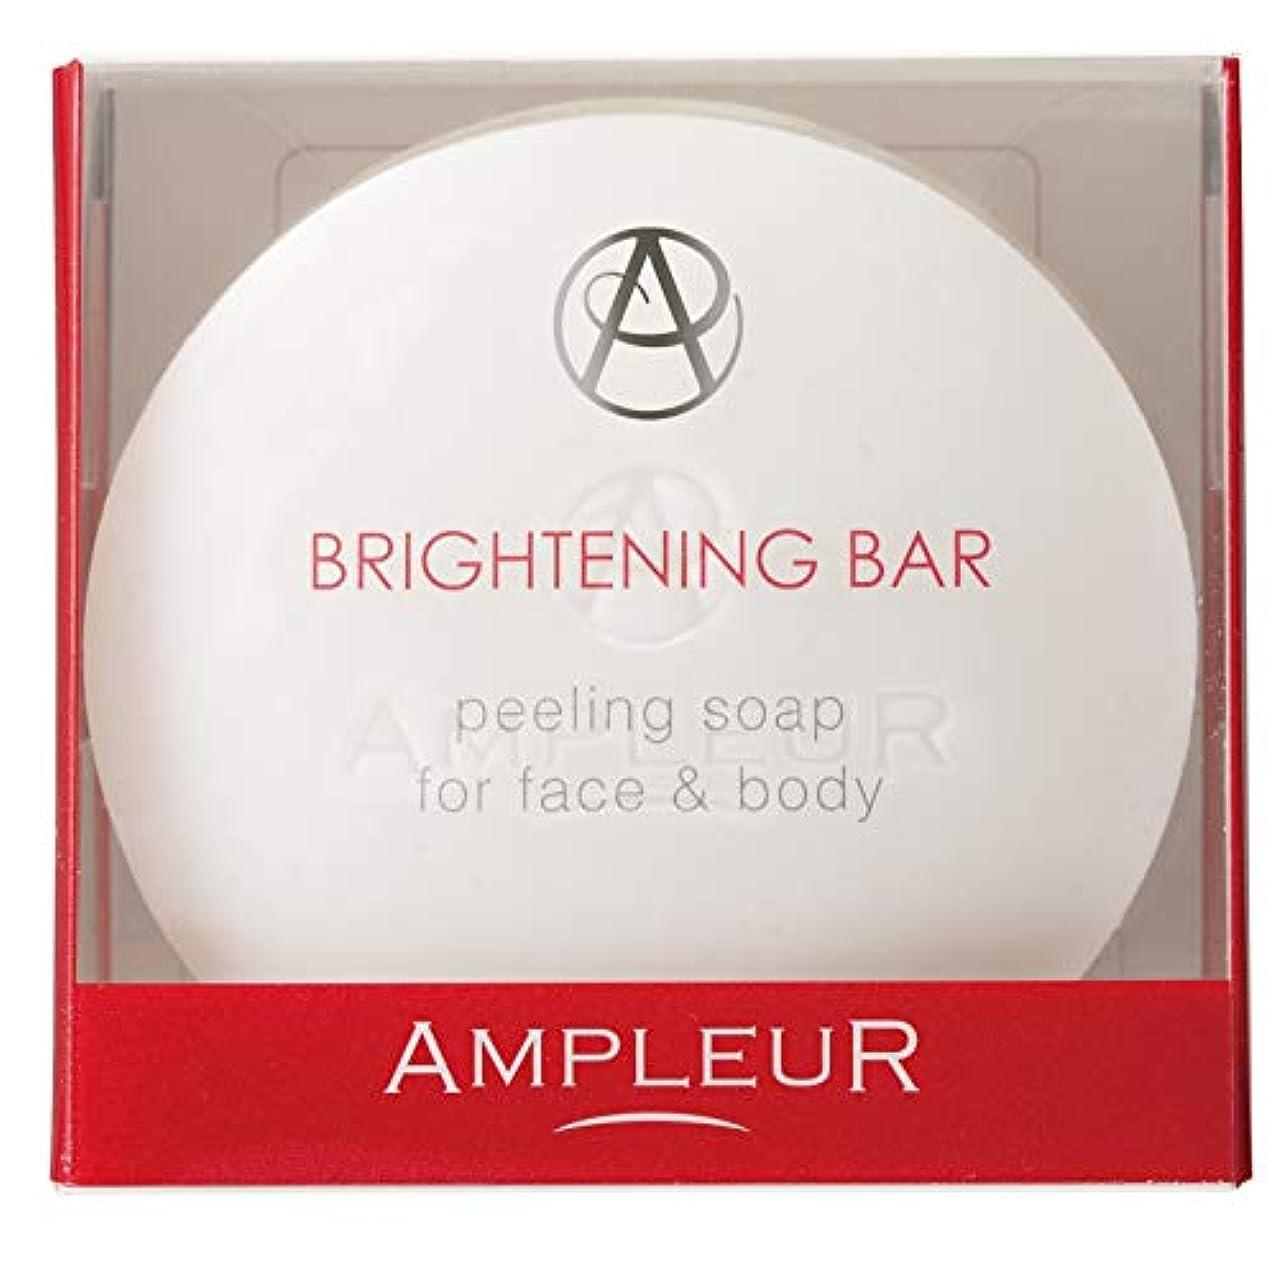 草歌手収束AMPLEUR(アンプルール) アンプルール ブライトニングバー 80g